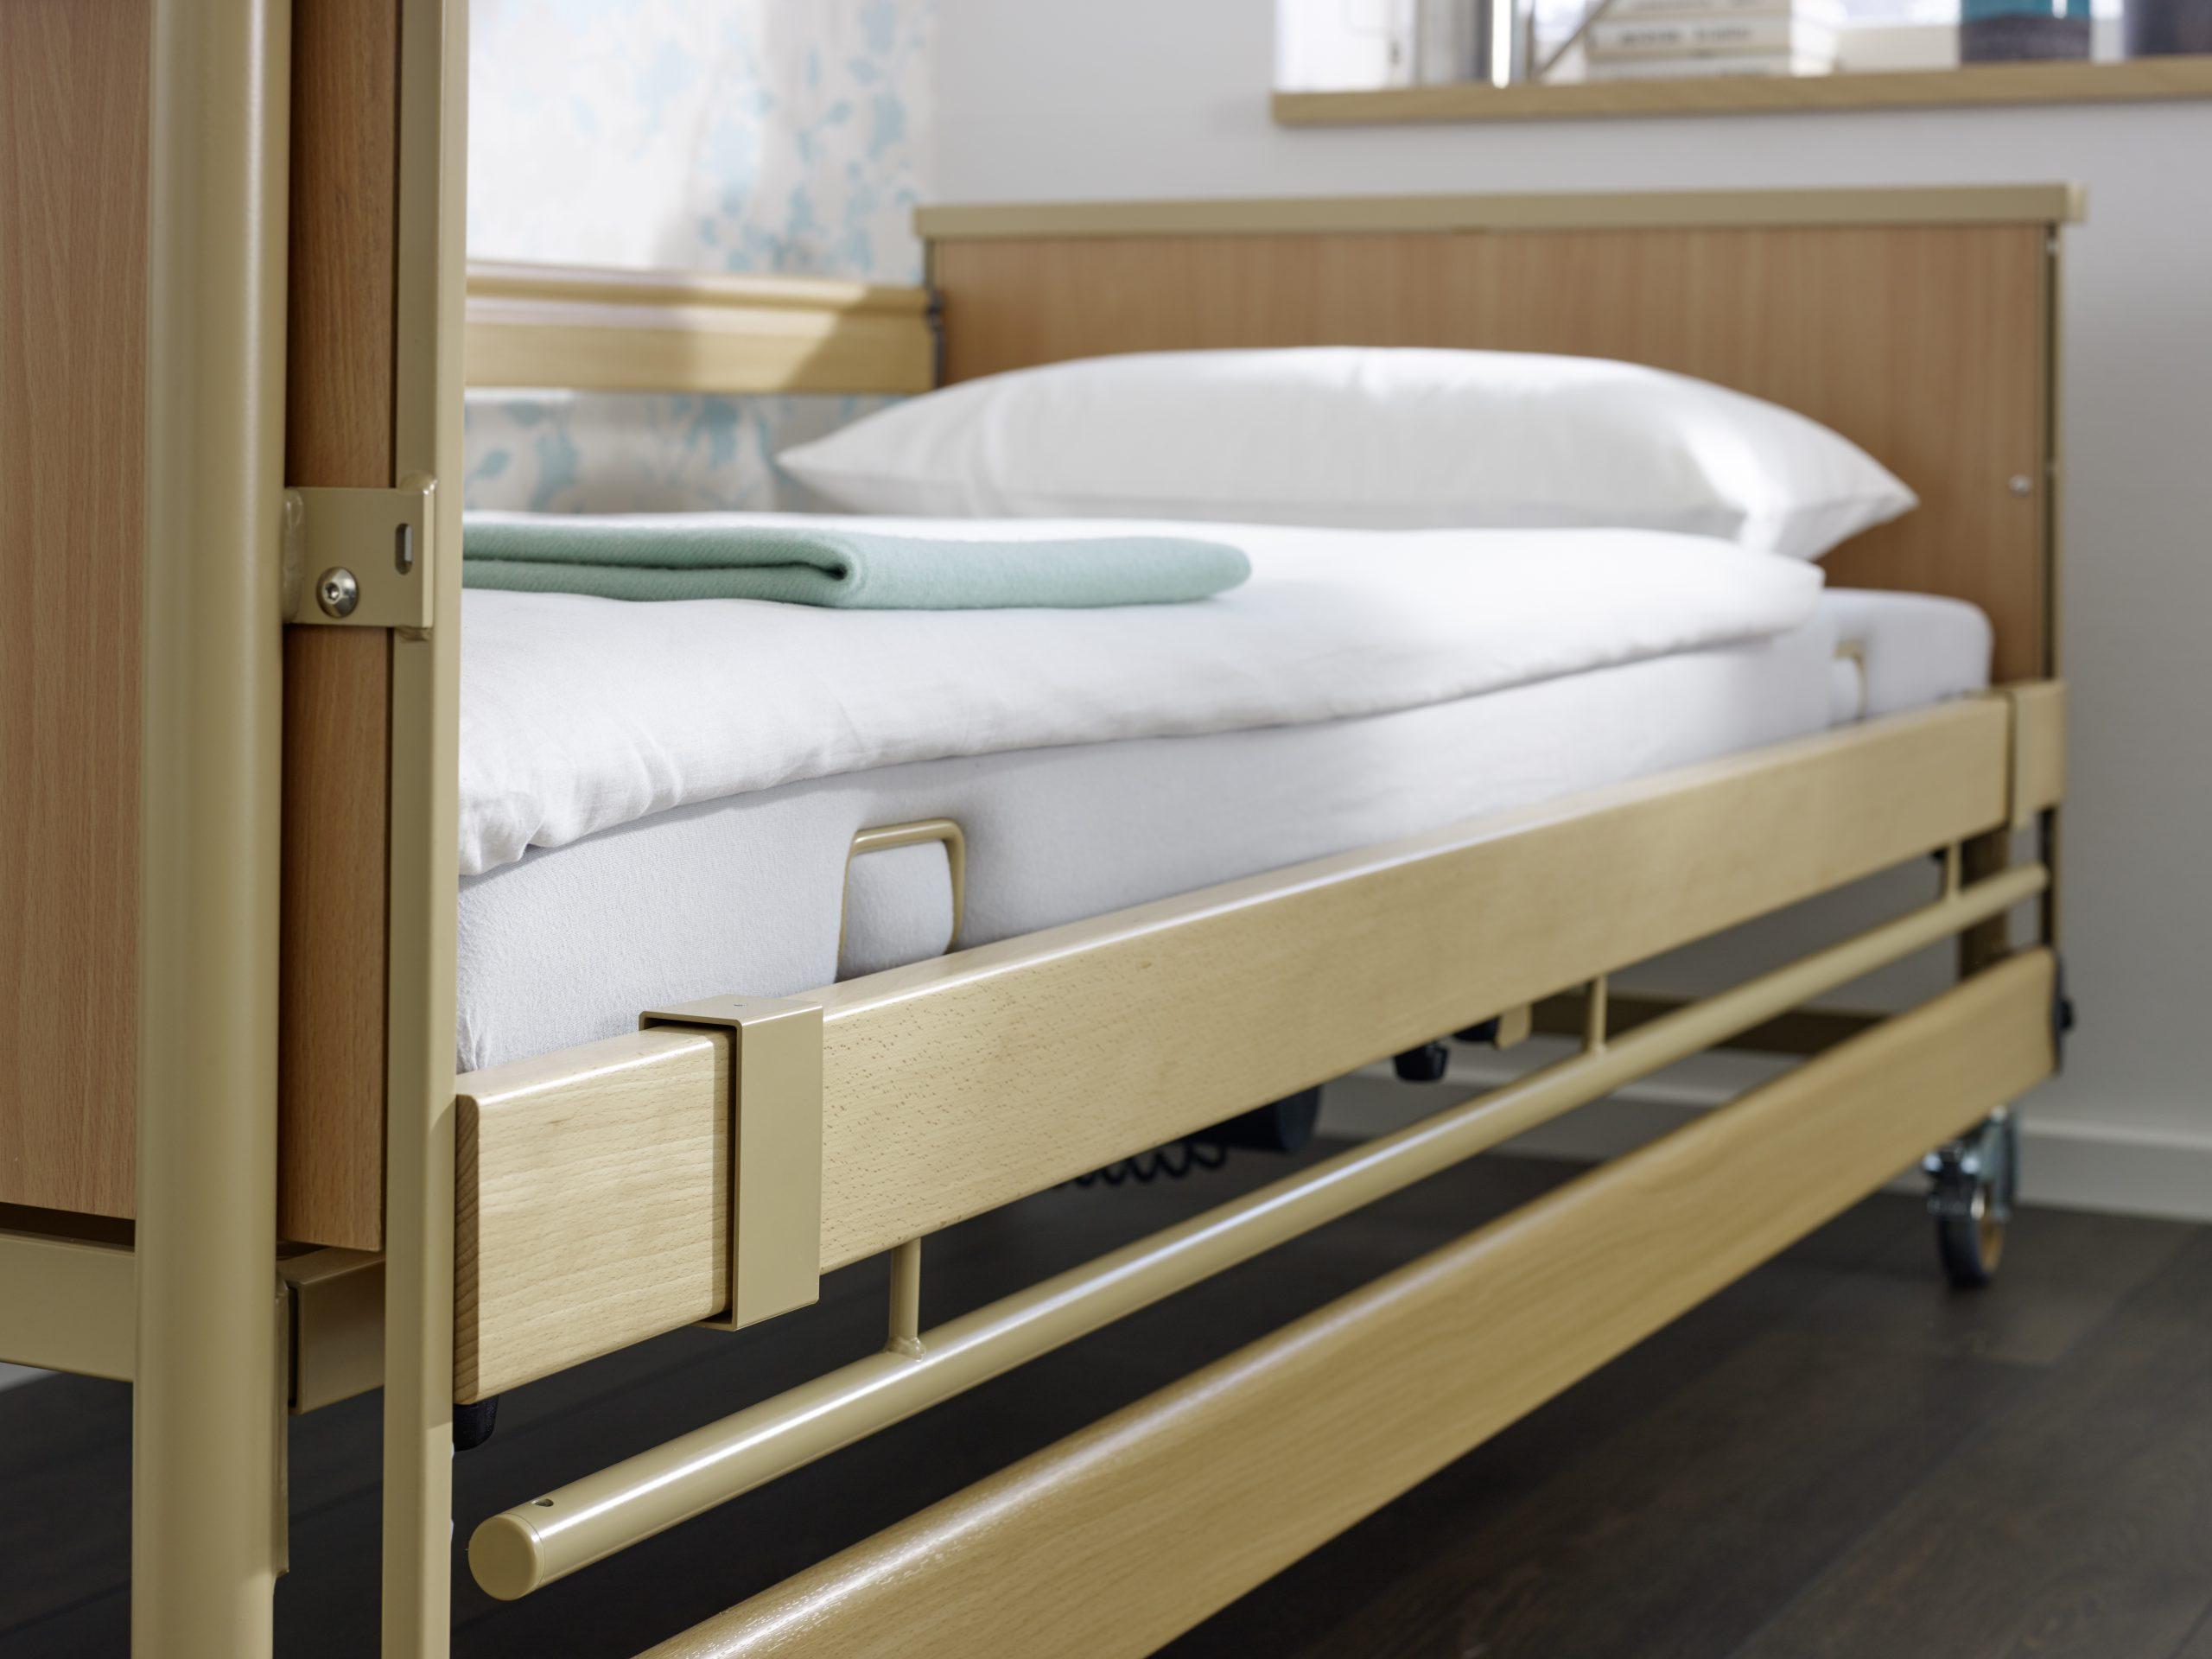 Full Size of Gebrauchte Betten 90x200 Ebay Zu Verschenken 140x200 160x200 Berlin Kaufen Bei Kleinanzeigen 180x200 Pflegebett Beantragen Auf Rezept Oder Wie Geht Das Weiße Bett Gebrauchte Betten